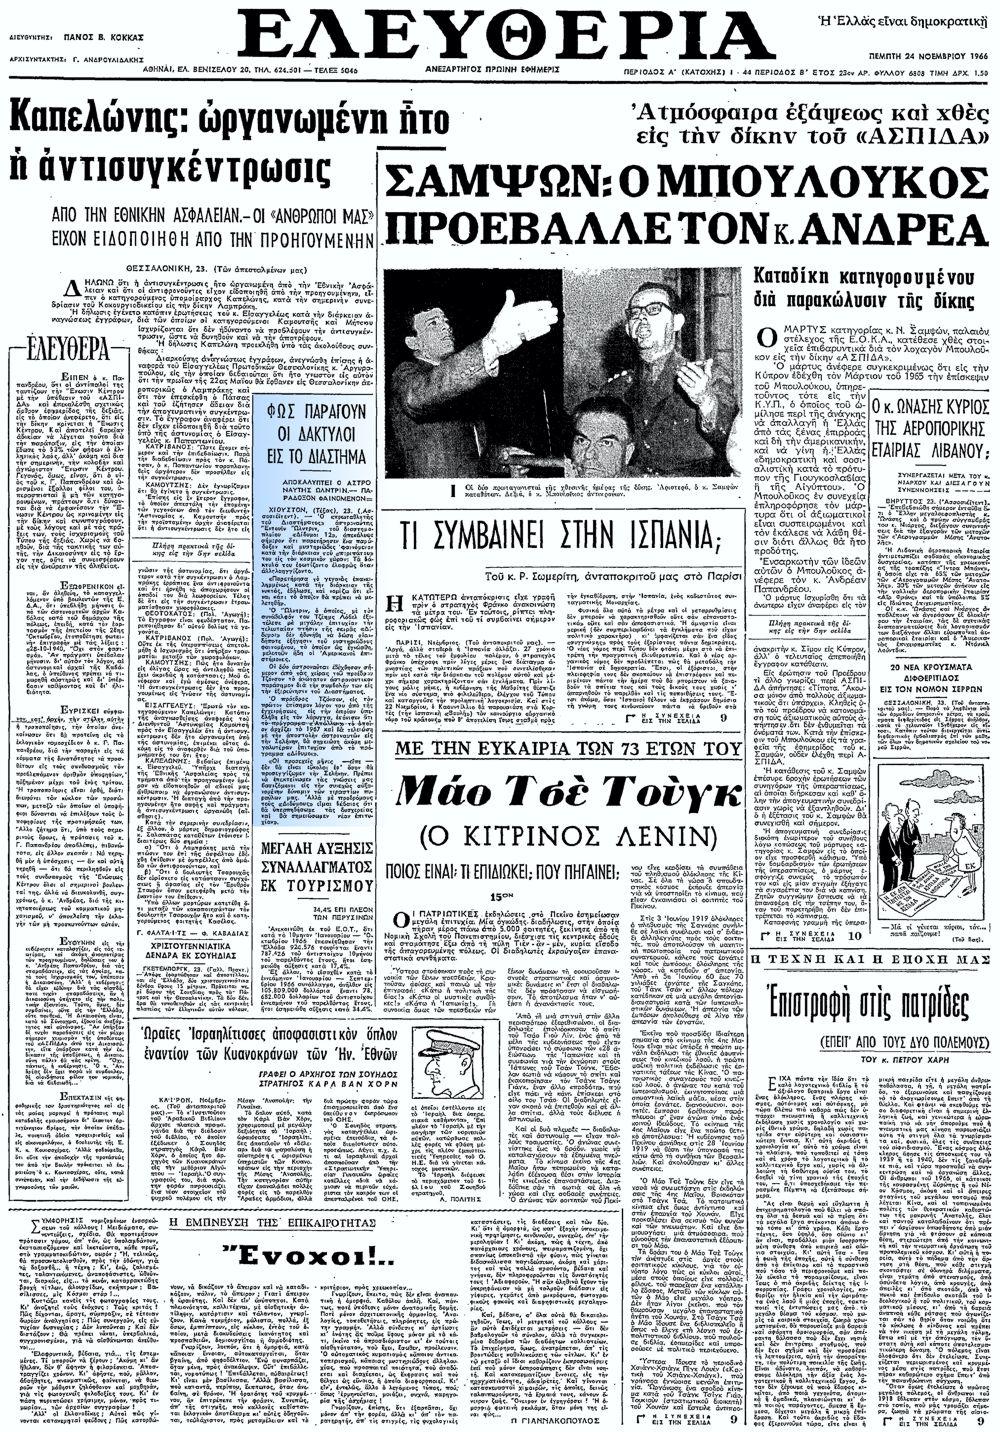 """Το άρθρο, όπως δημοσιεύθηκε στην εφημερίδα """"ΕΛΕΥΘΕΡΙΑ"""", στις 24/11/1966"""